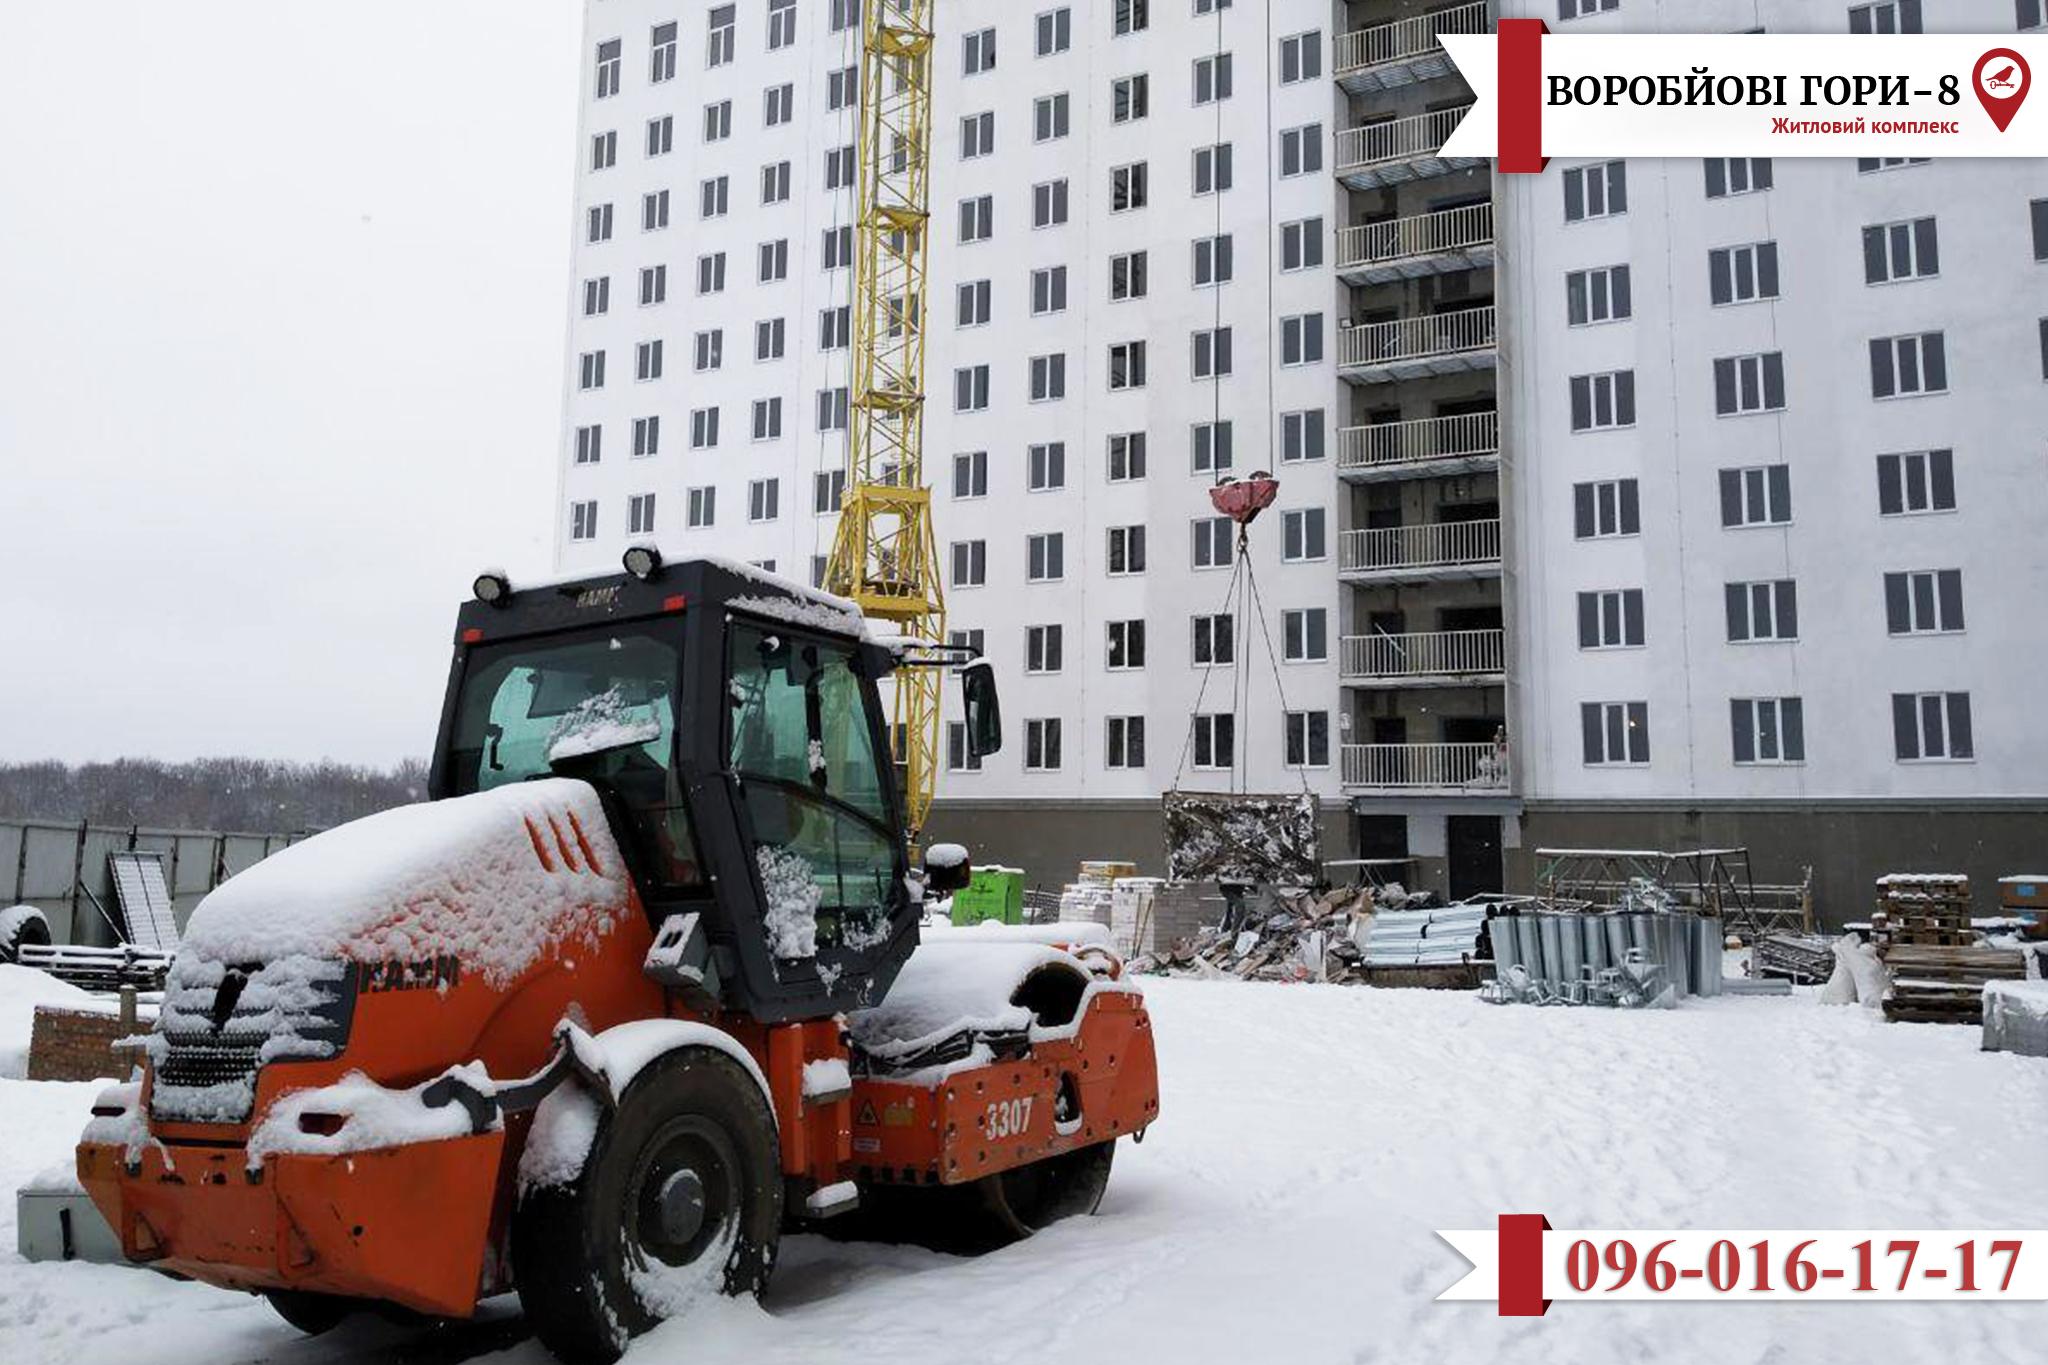 """Як іде будівництво ЖК """"Воробйові гори-8""""?"""